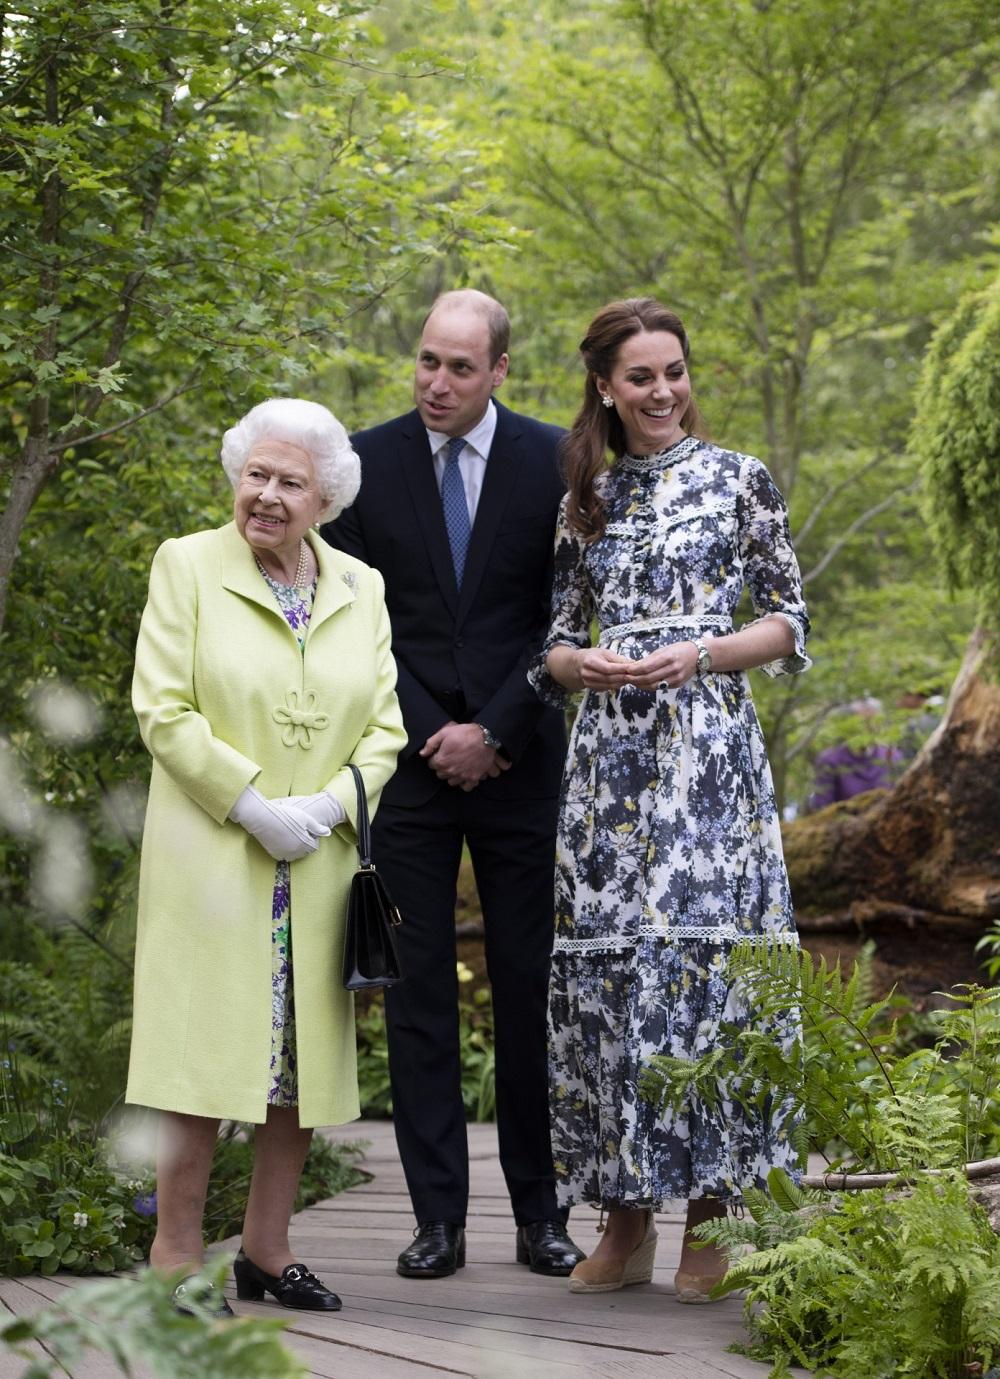 La reina Isabel II con su nieto el príncipe Guillermo y su mujer Kate Middleton en Chelsea Flower Show de 2019.